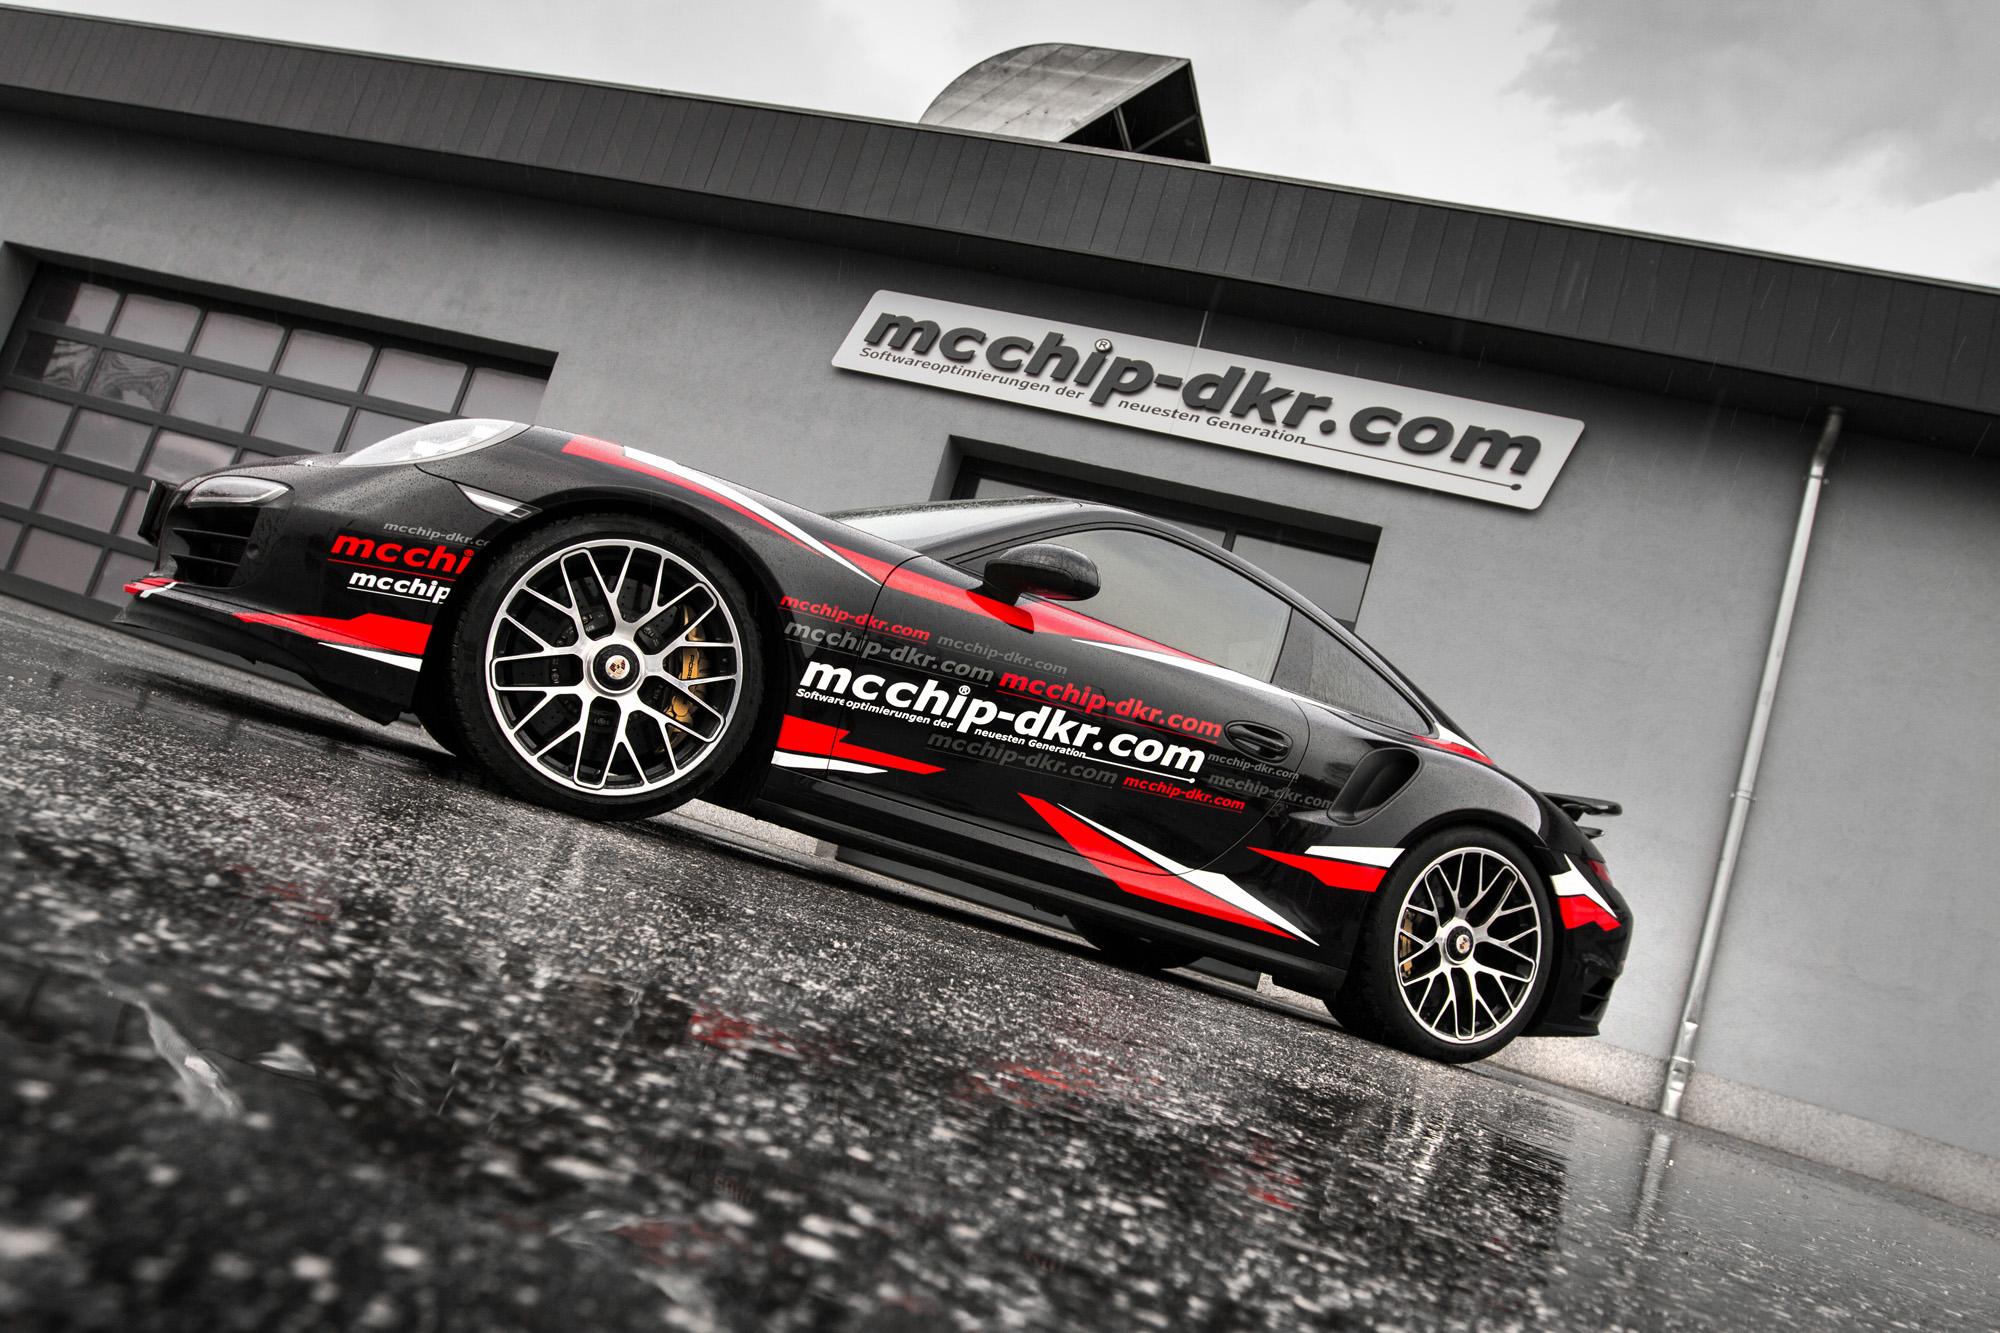 porsche 911 turbo s power tuning am 991er von mcchip dkr. Black Bedroom Furniture Sets. Home Design Ideas